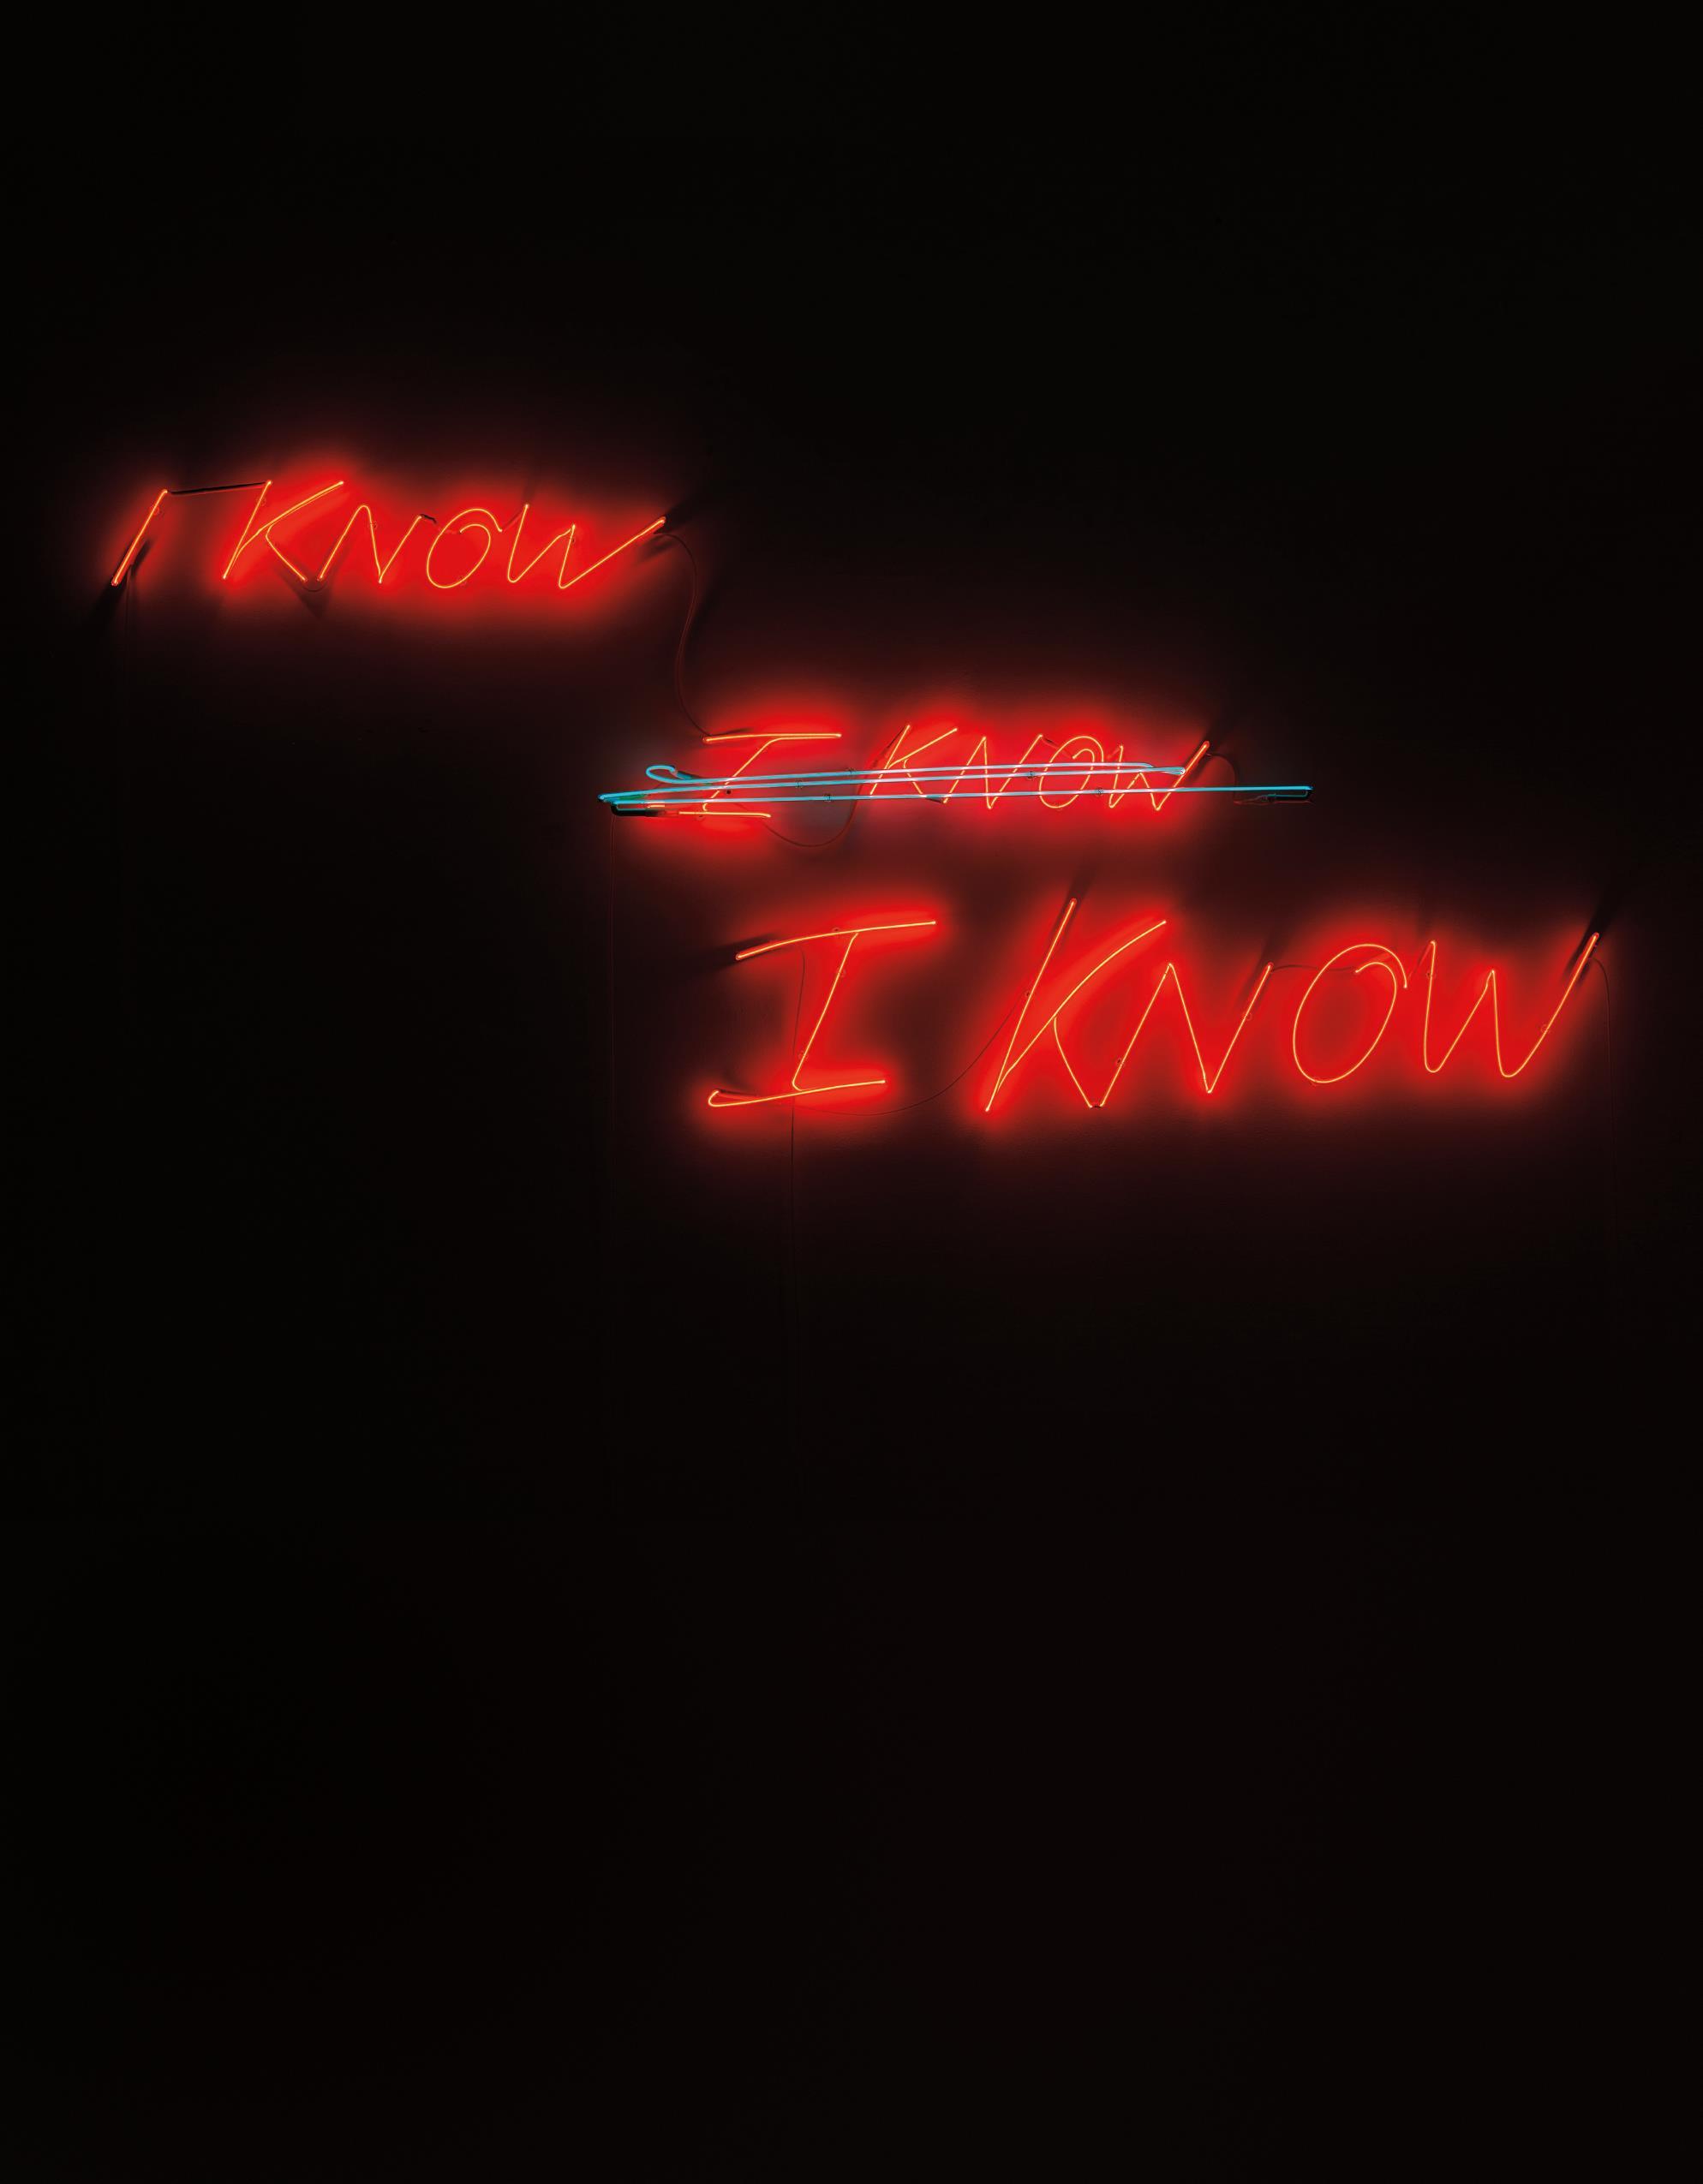 Tracey Emin-I Know, I Know, I Know-2002